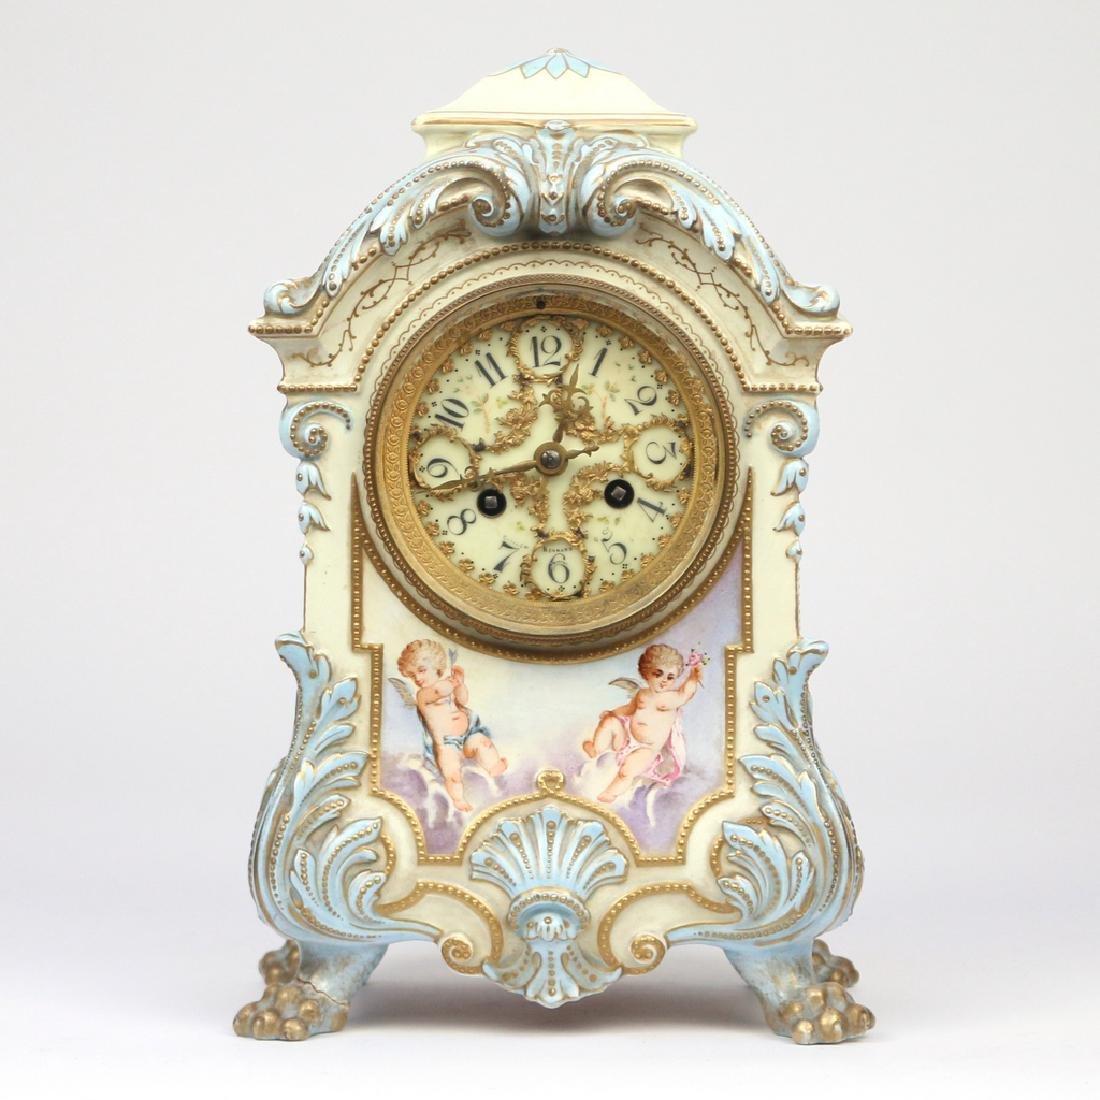 JAPY FRERES ROYAL BONN PORCELAIN MANTEL CLOCK